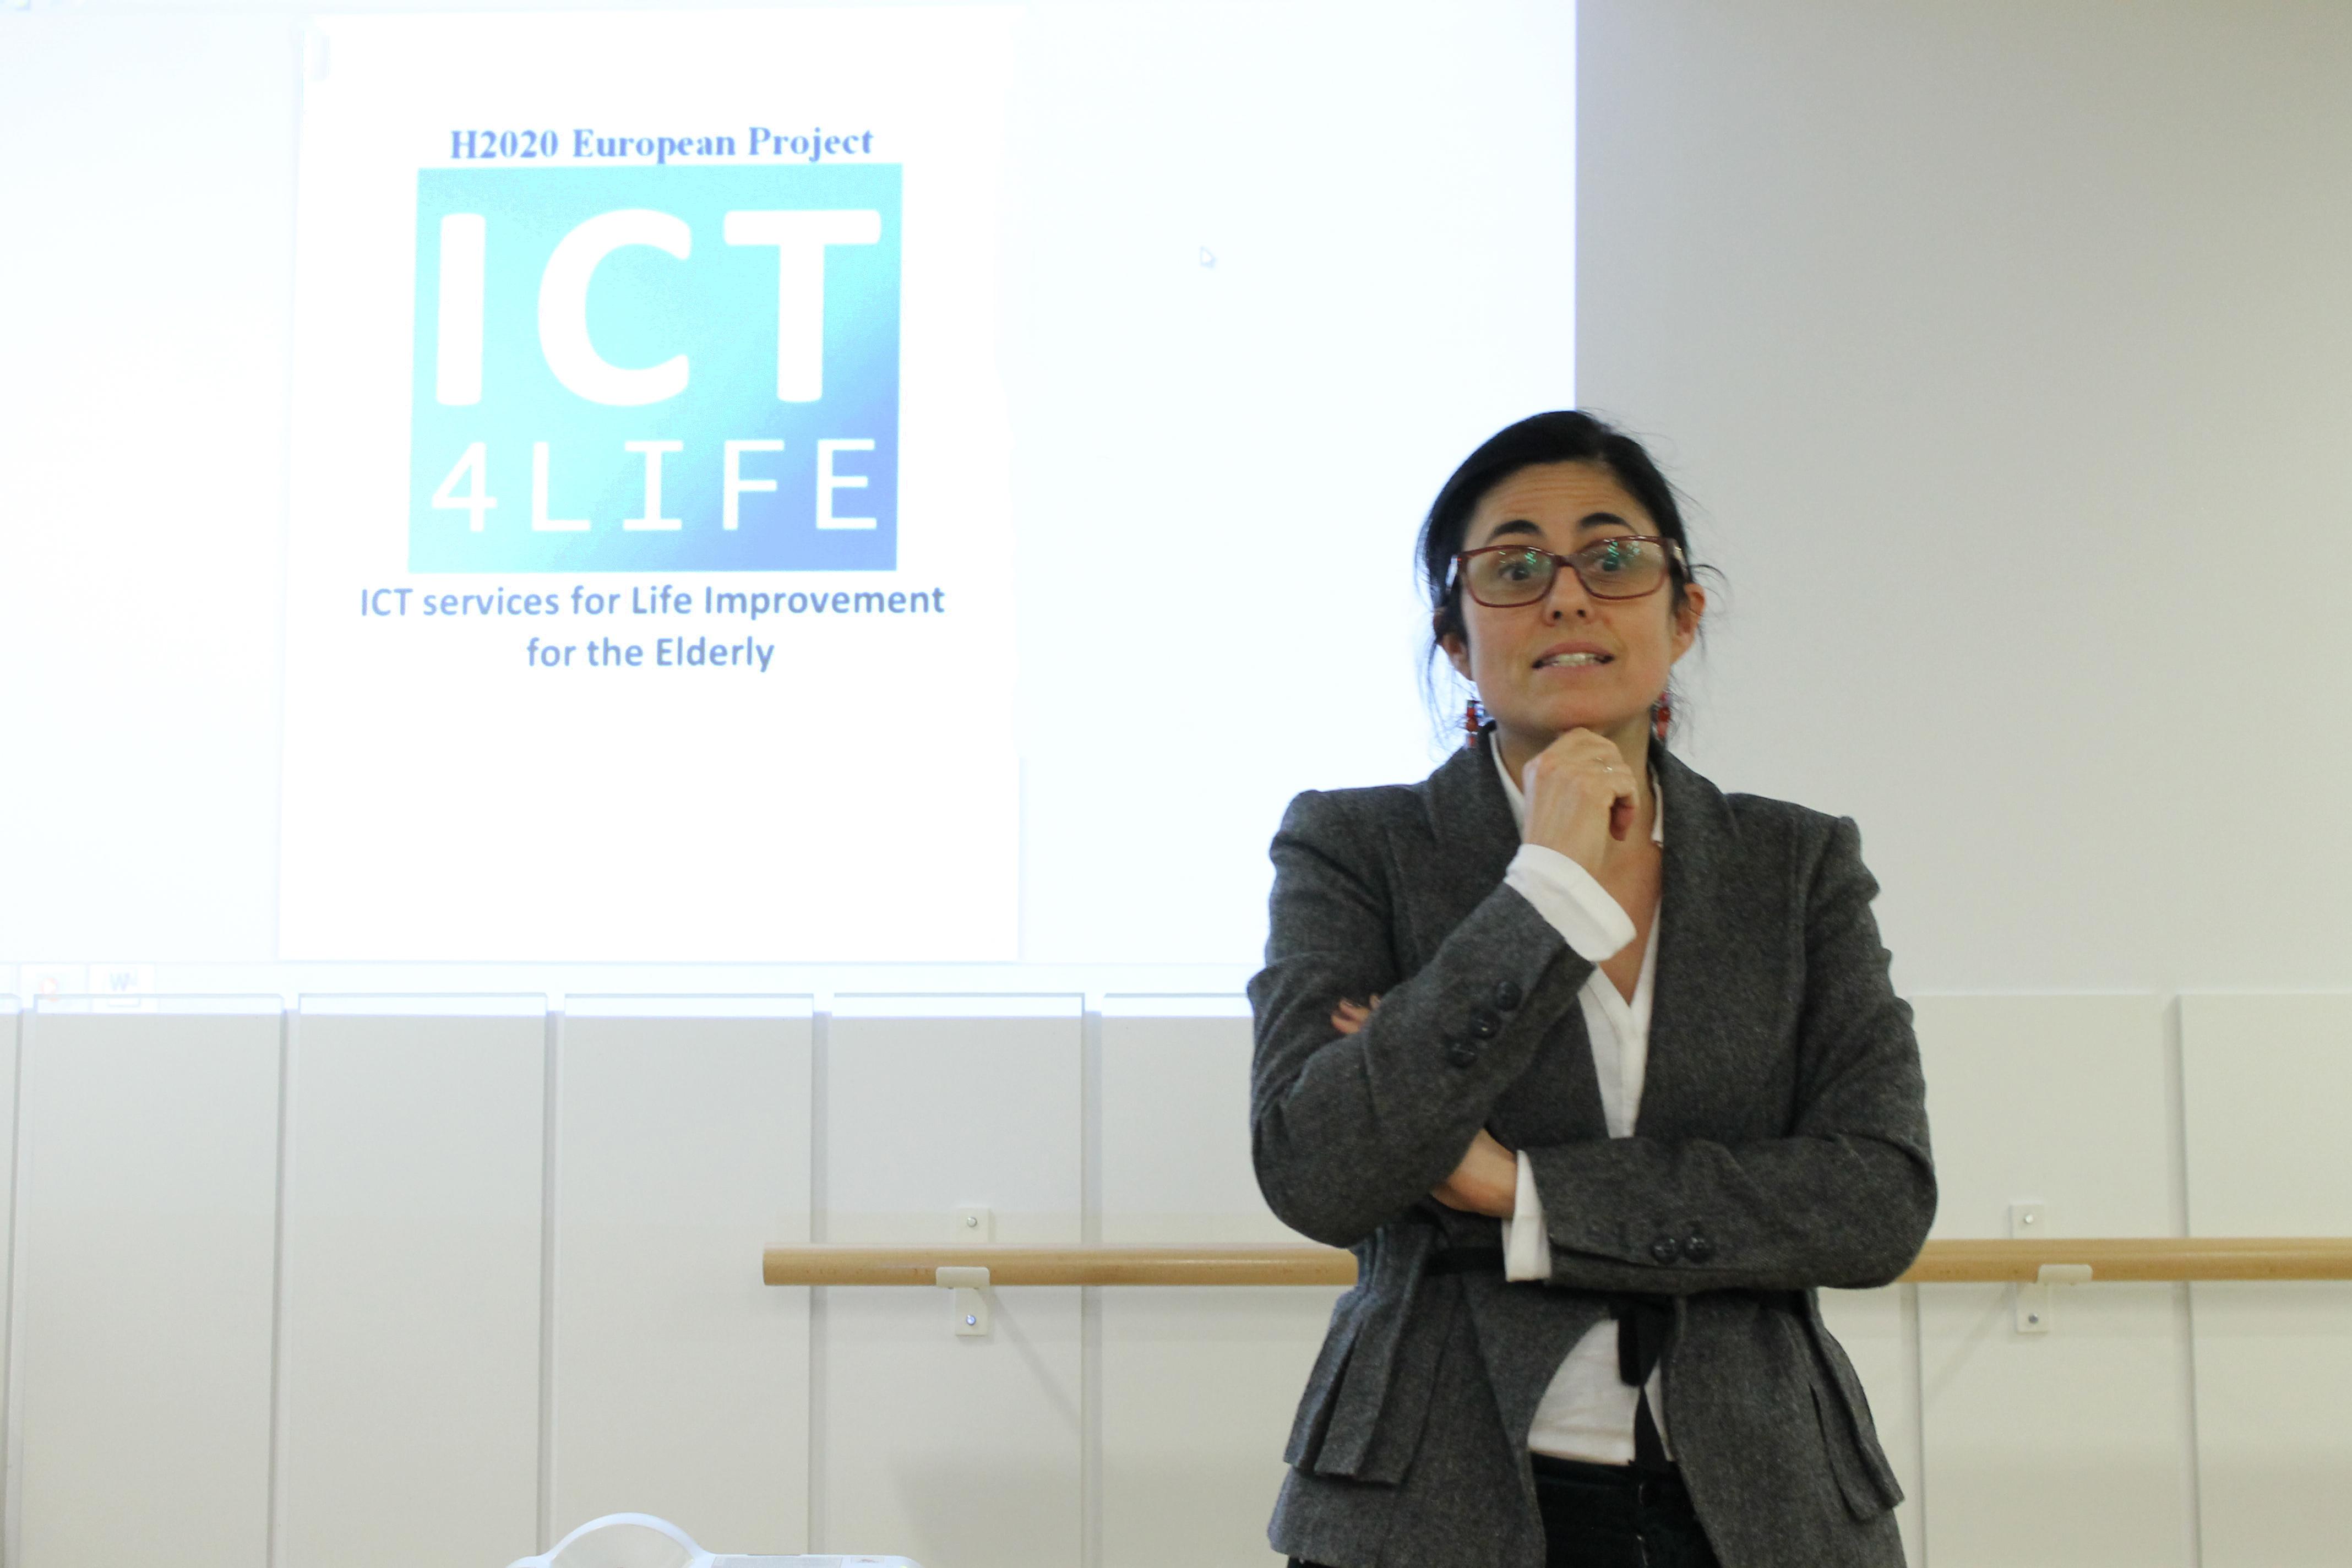 ICT-4-LIFE